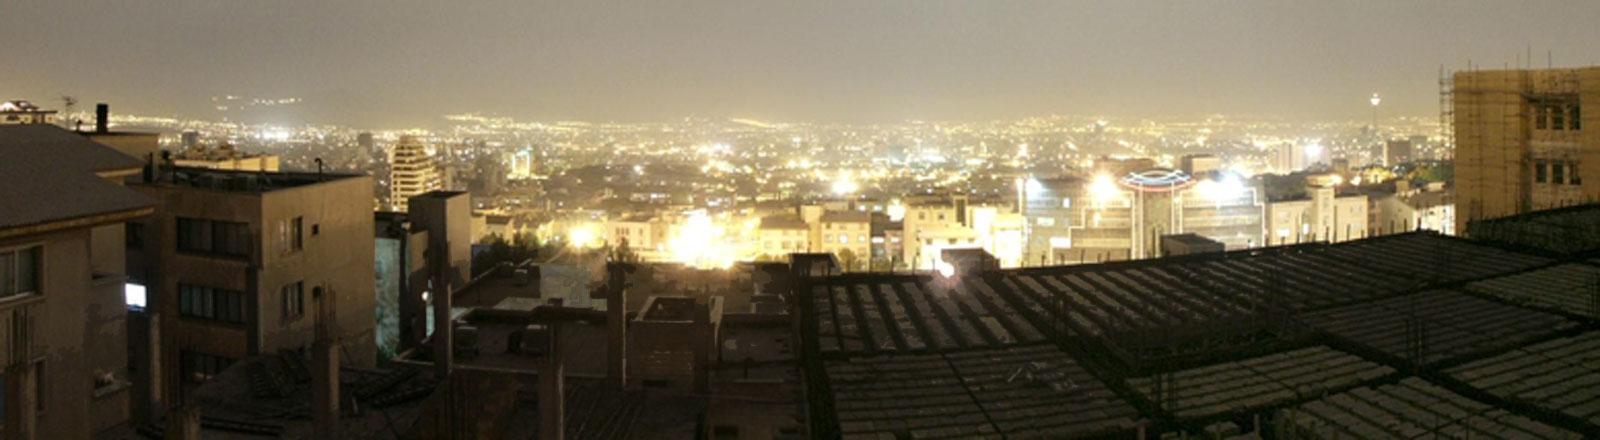 Teheran bei Nacht